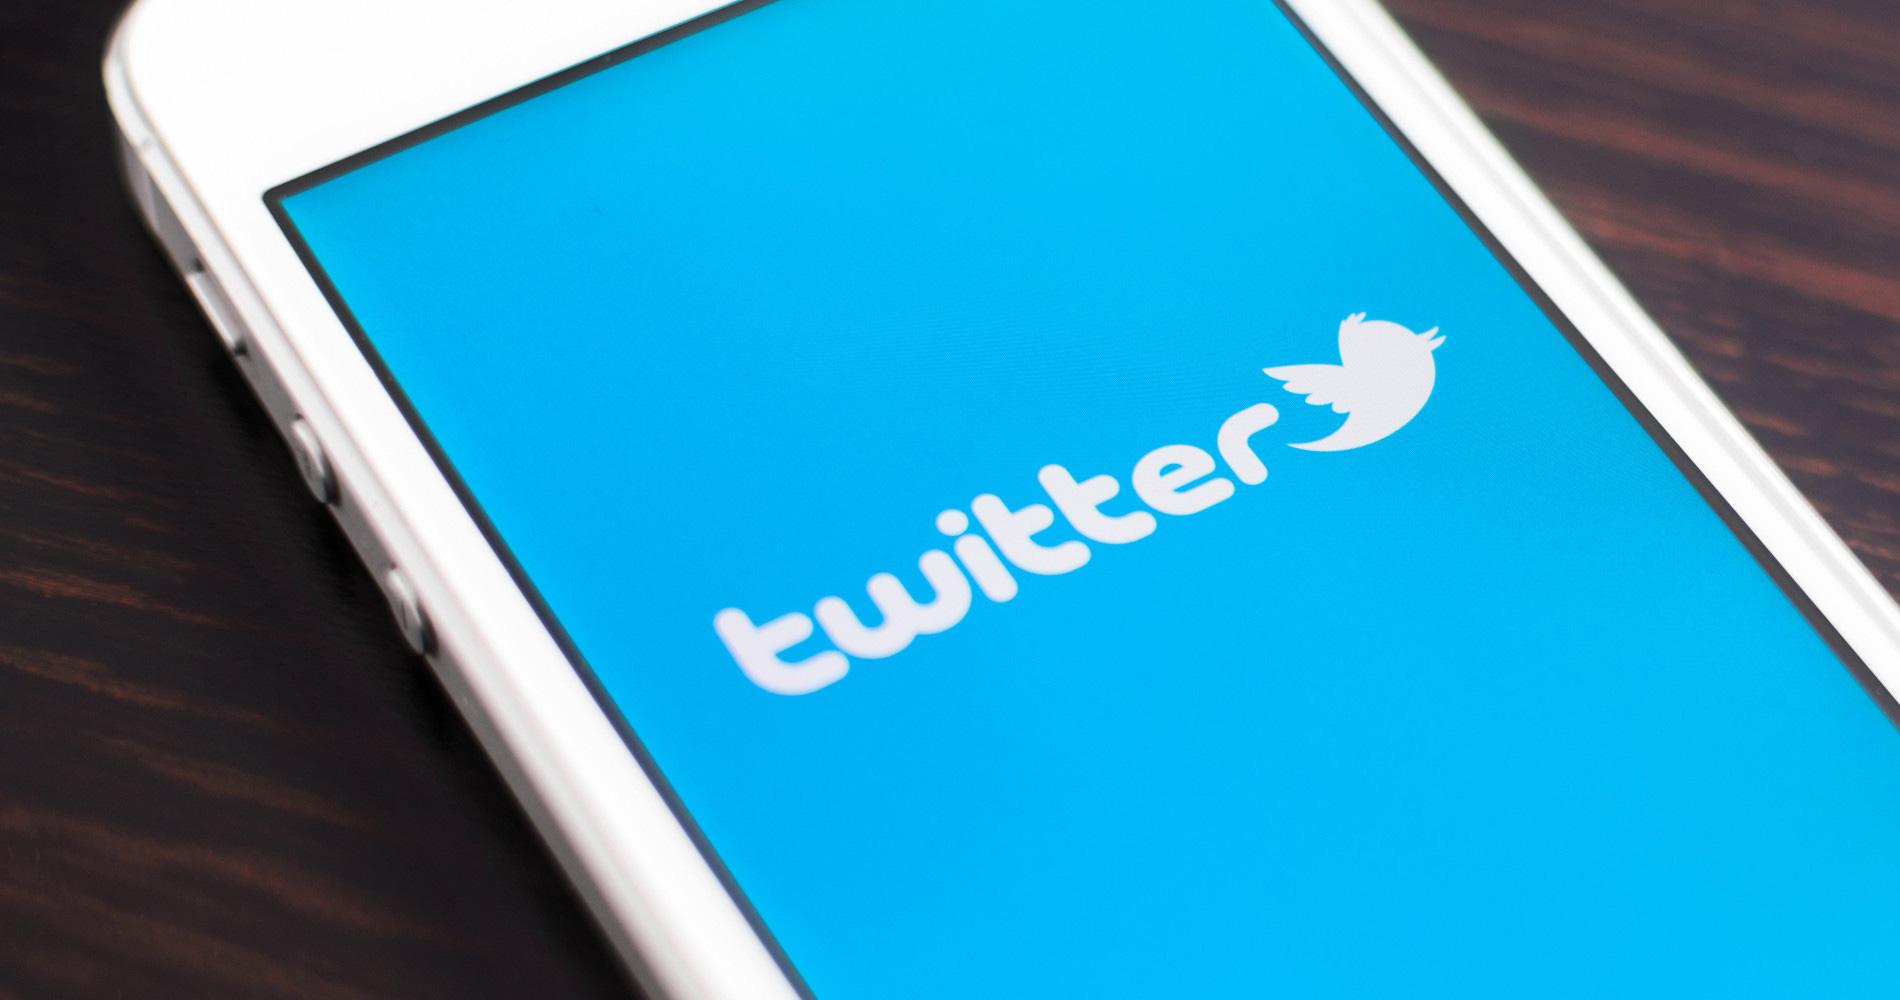 Arrêté pour un tweet ayant provoqué une crise d'épilepsie